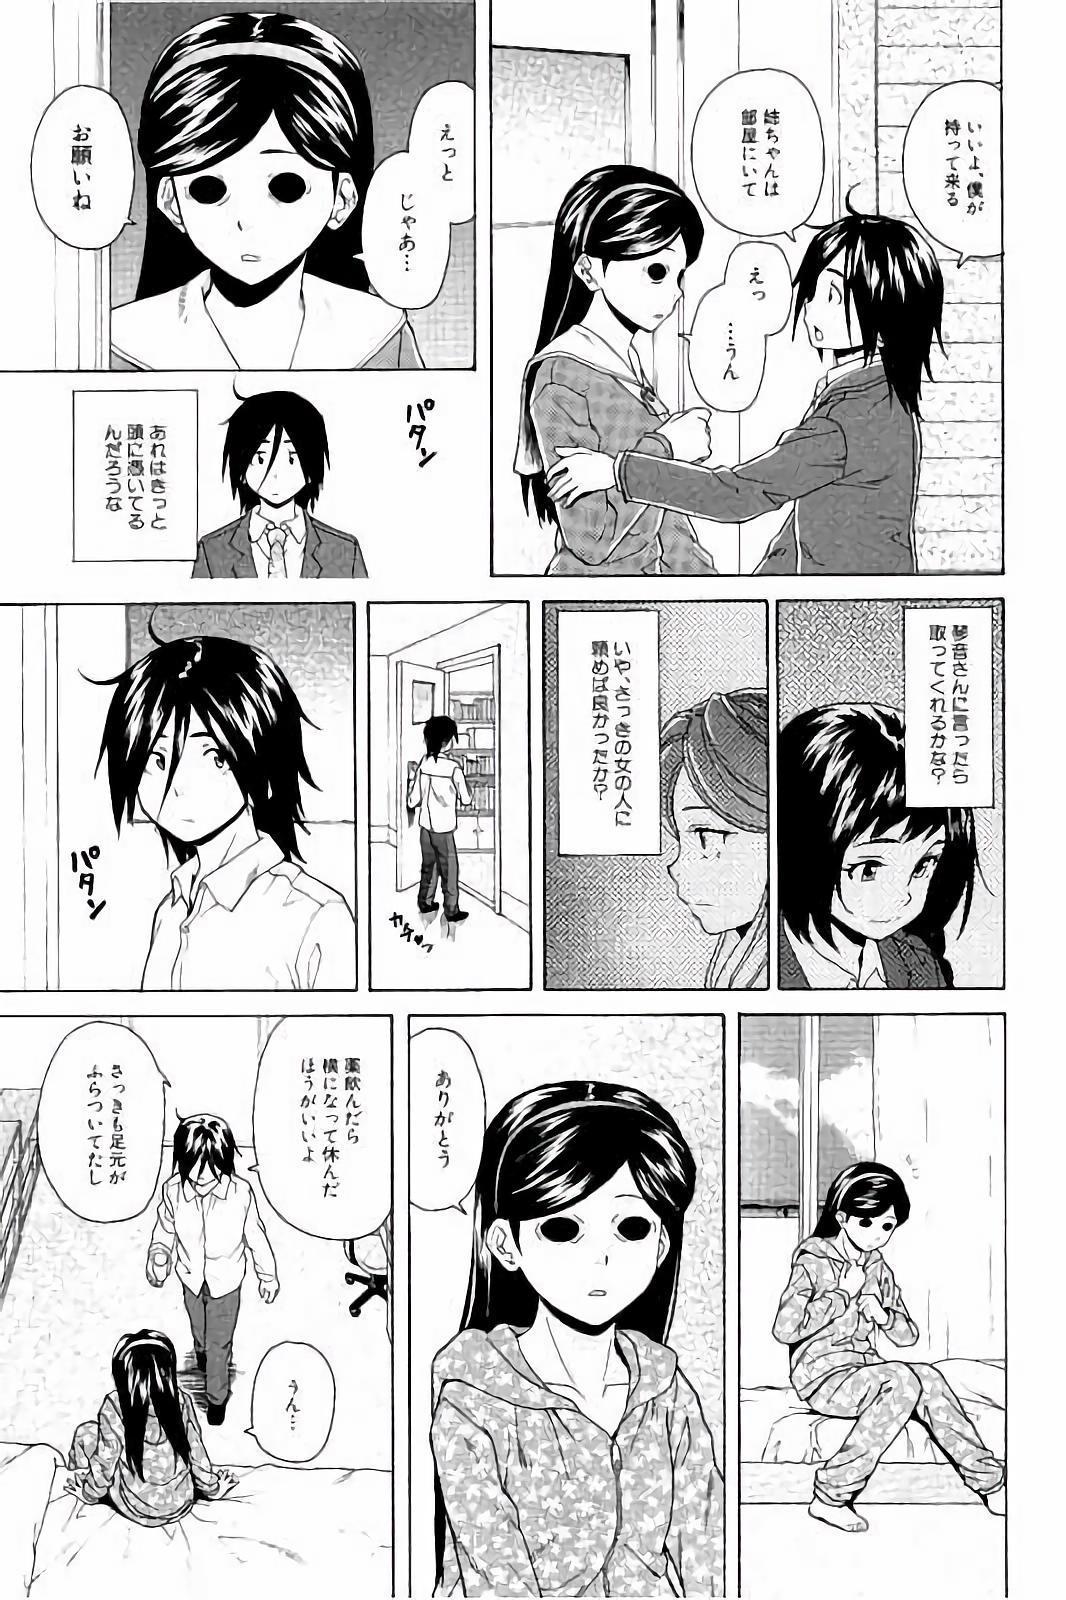 Ane no Himitsu To Boku no Jisatsu 70